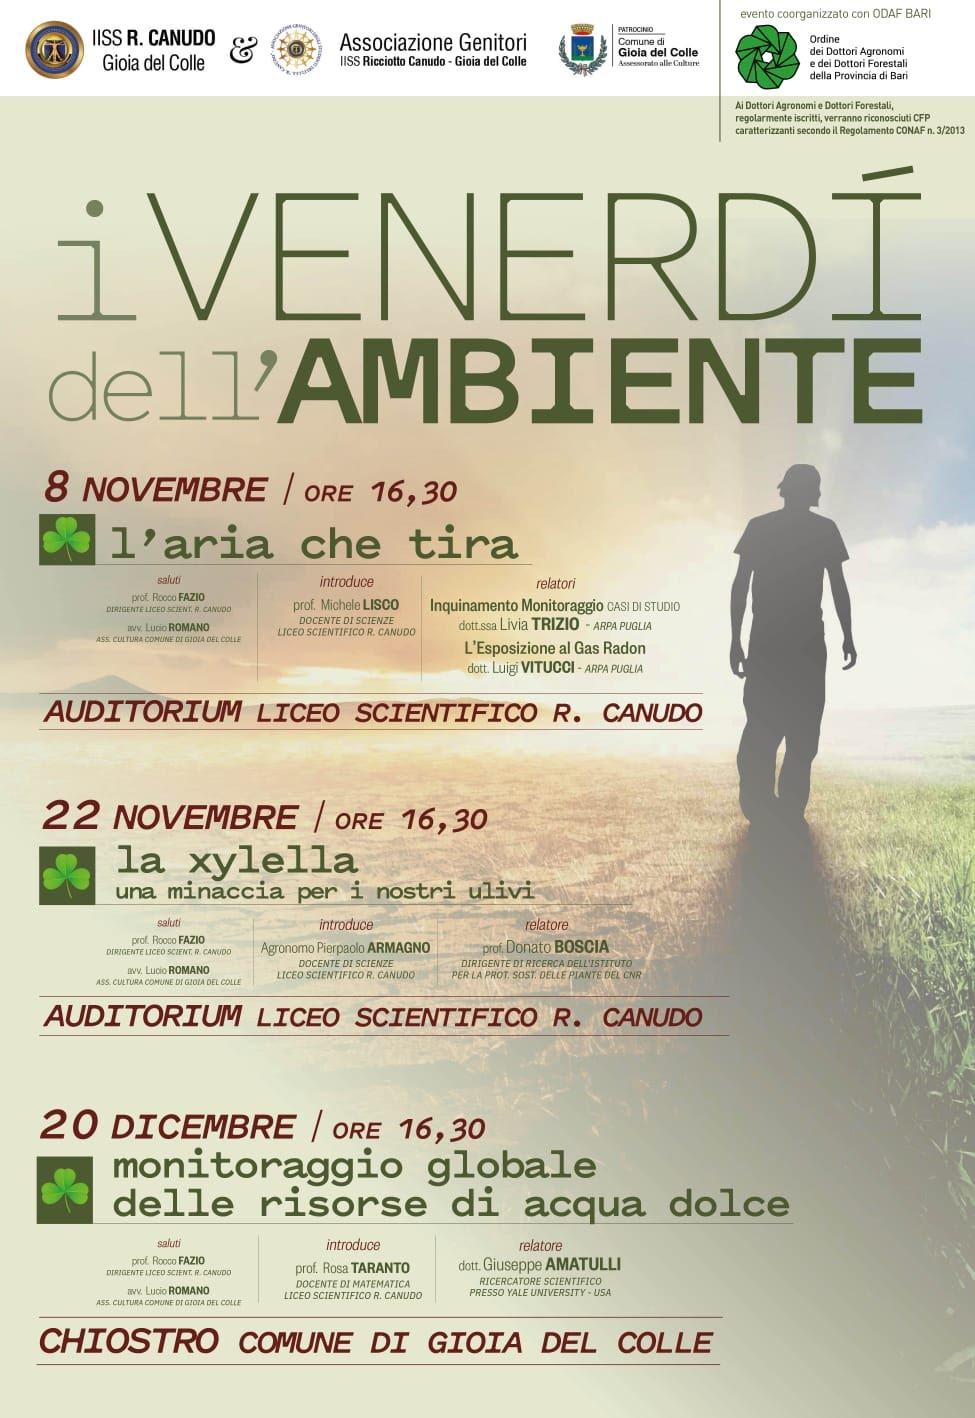 Ciclo di seminari - I venerdì dell'ambiente - Gioia del Colle 8-22 novembre e 20 dicembre pv